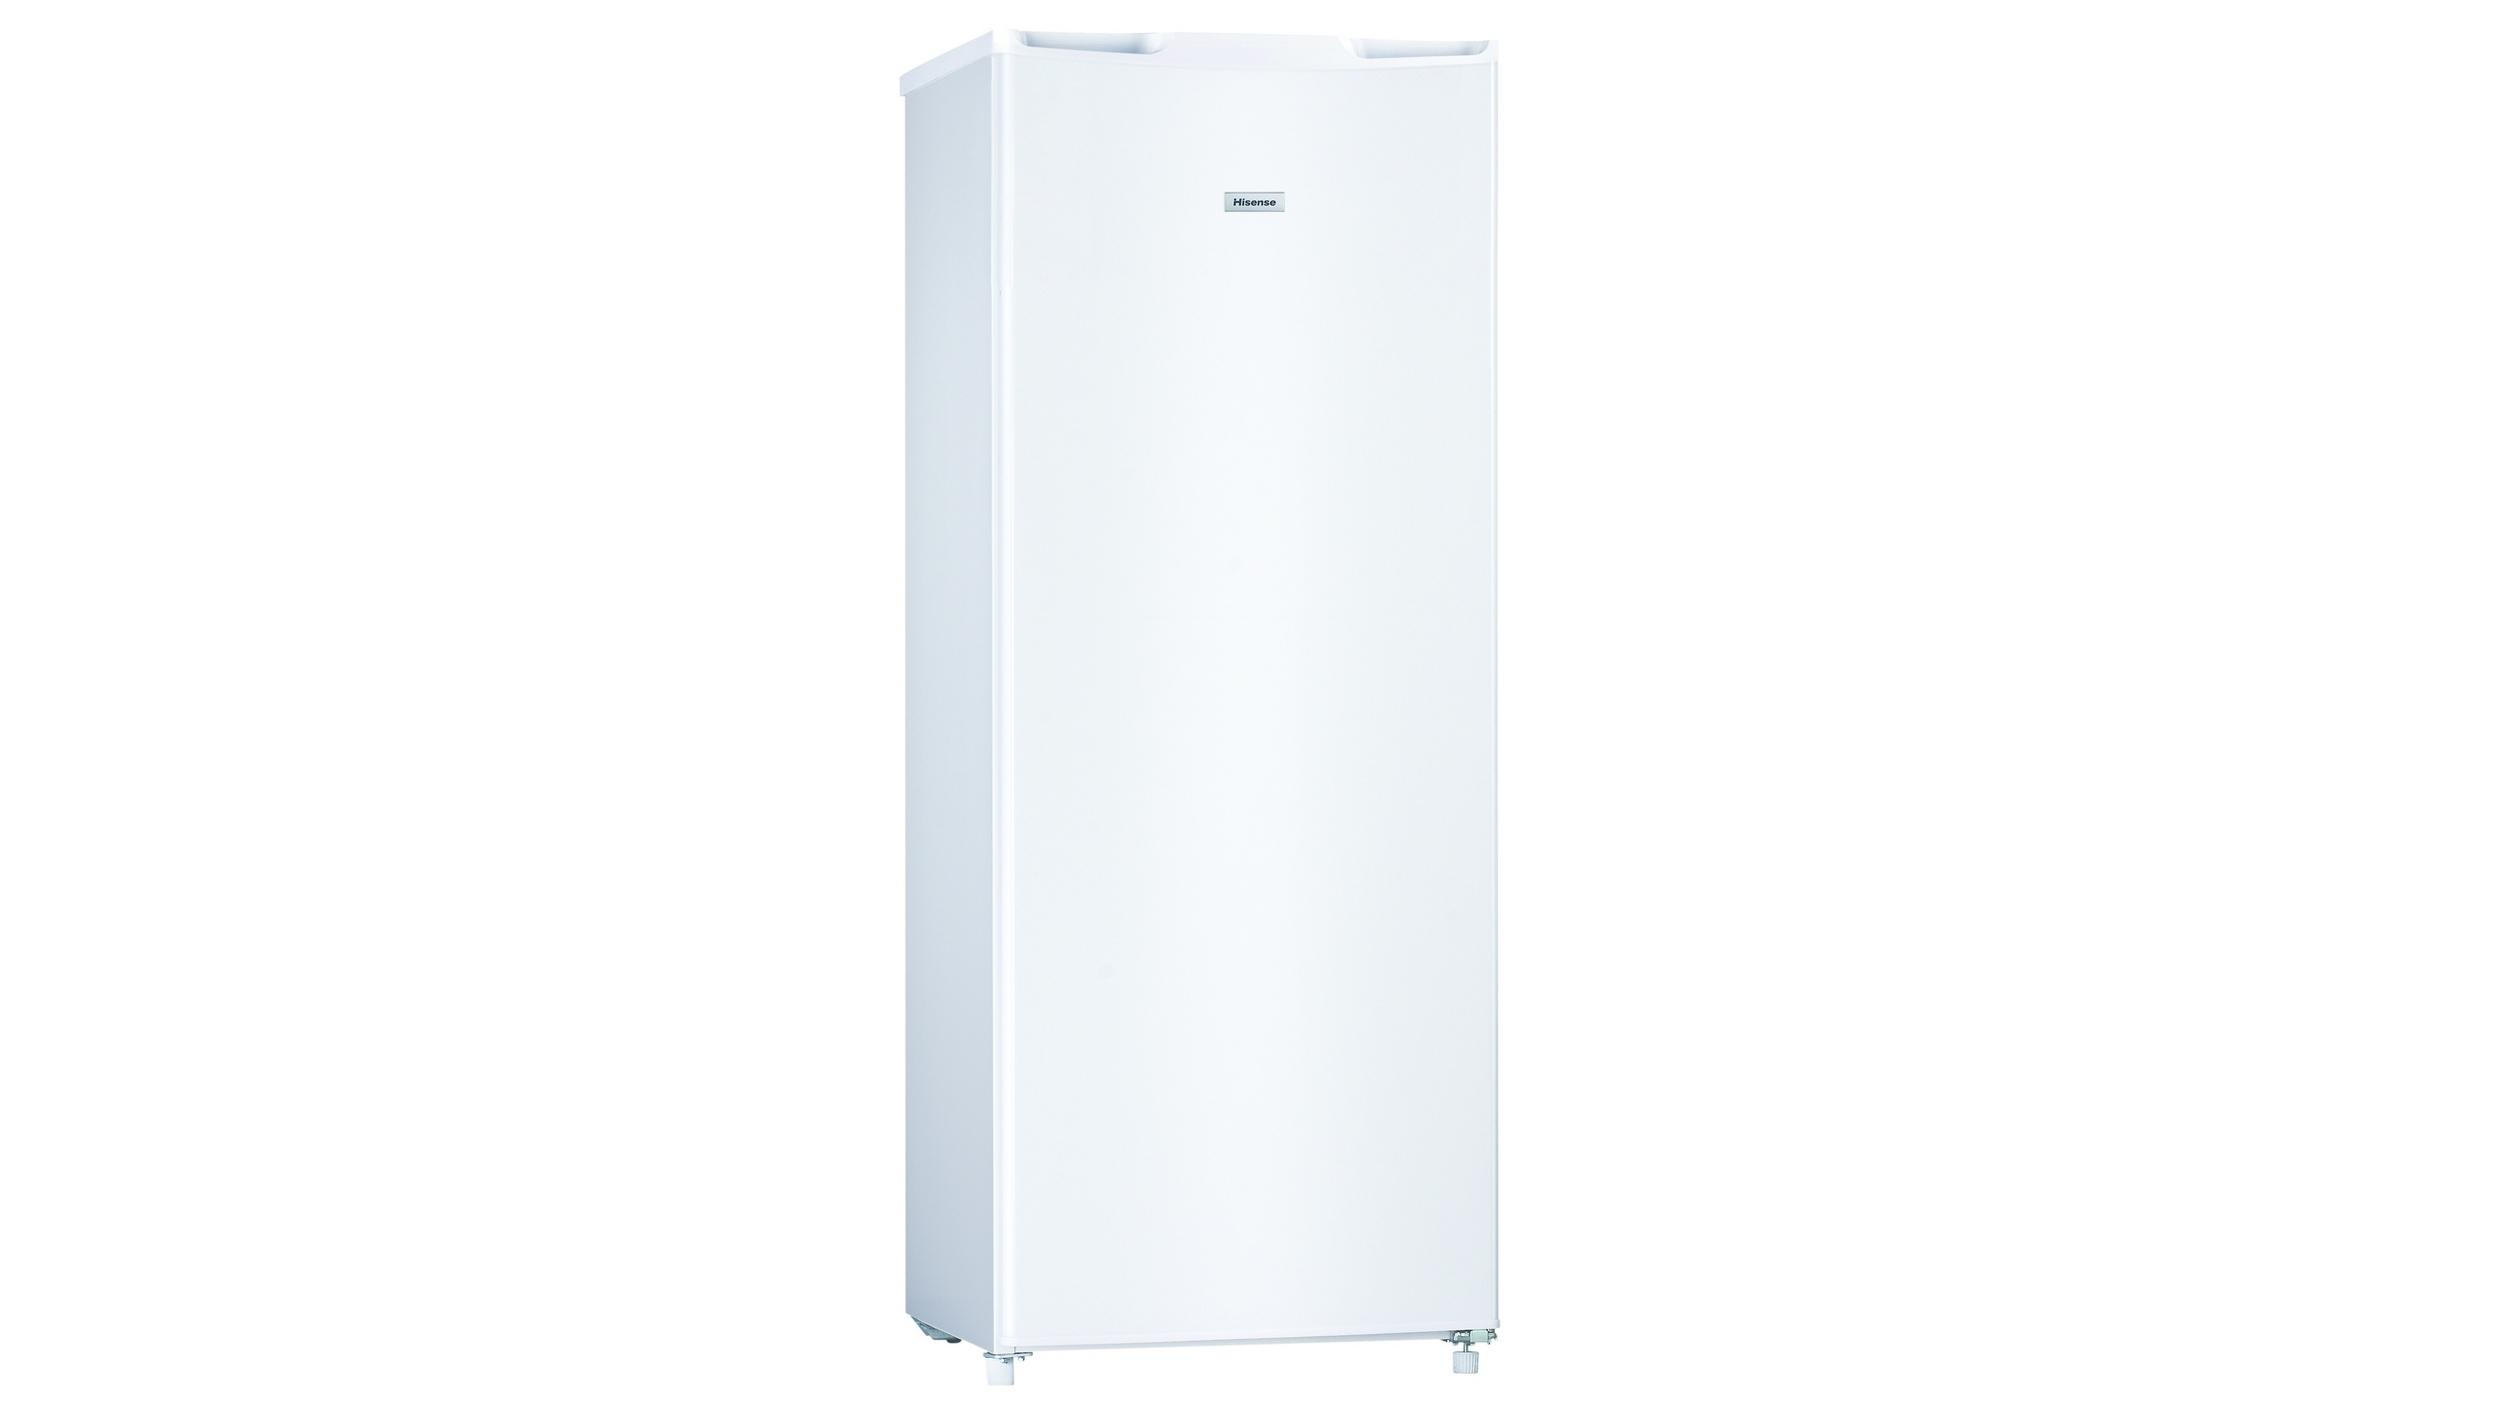 Hisense 176L White Vertical Frost Free Freezer